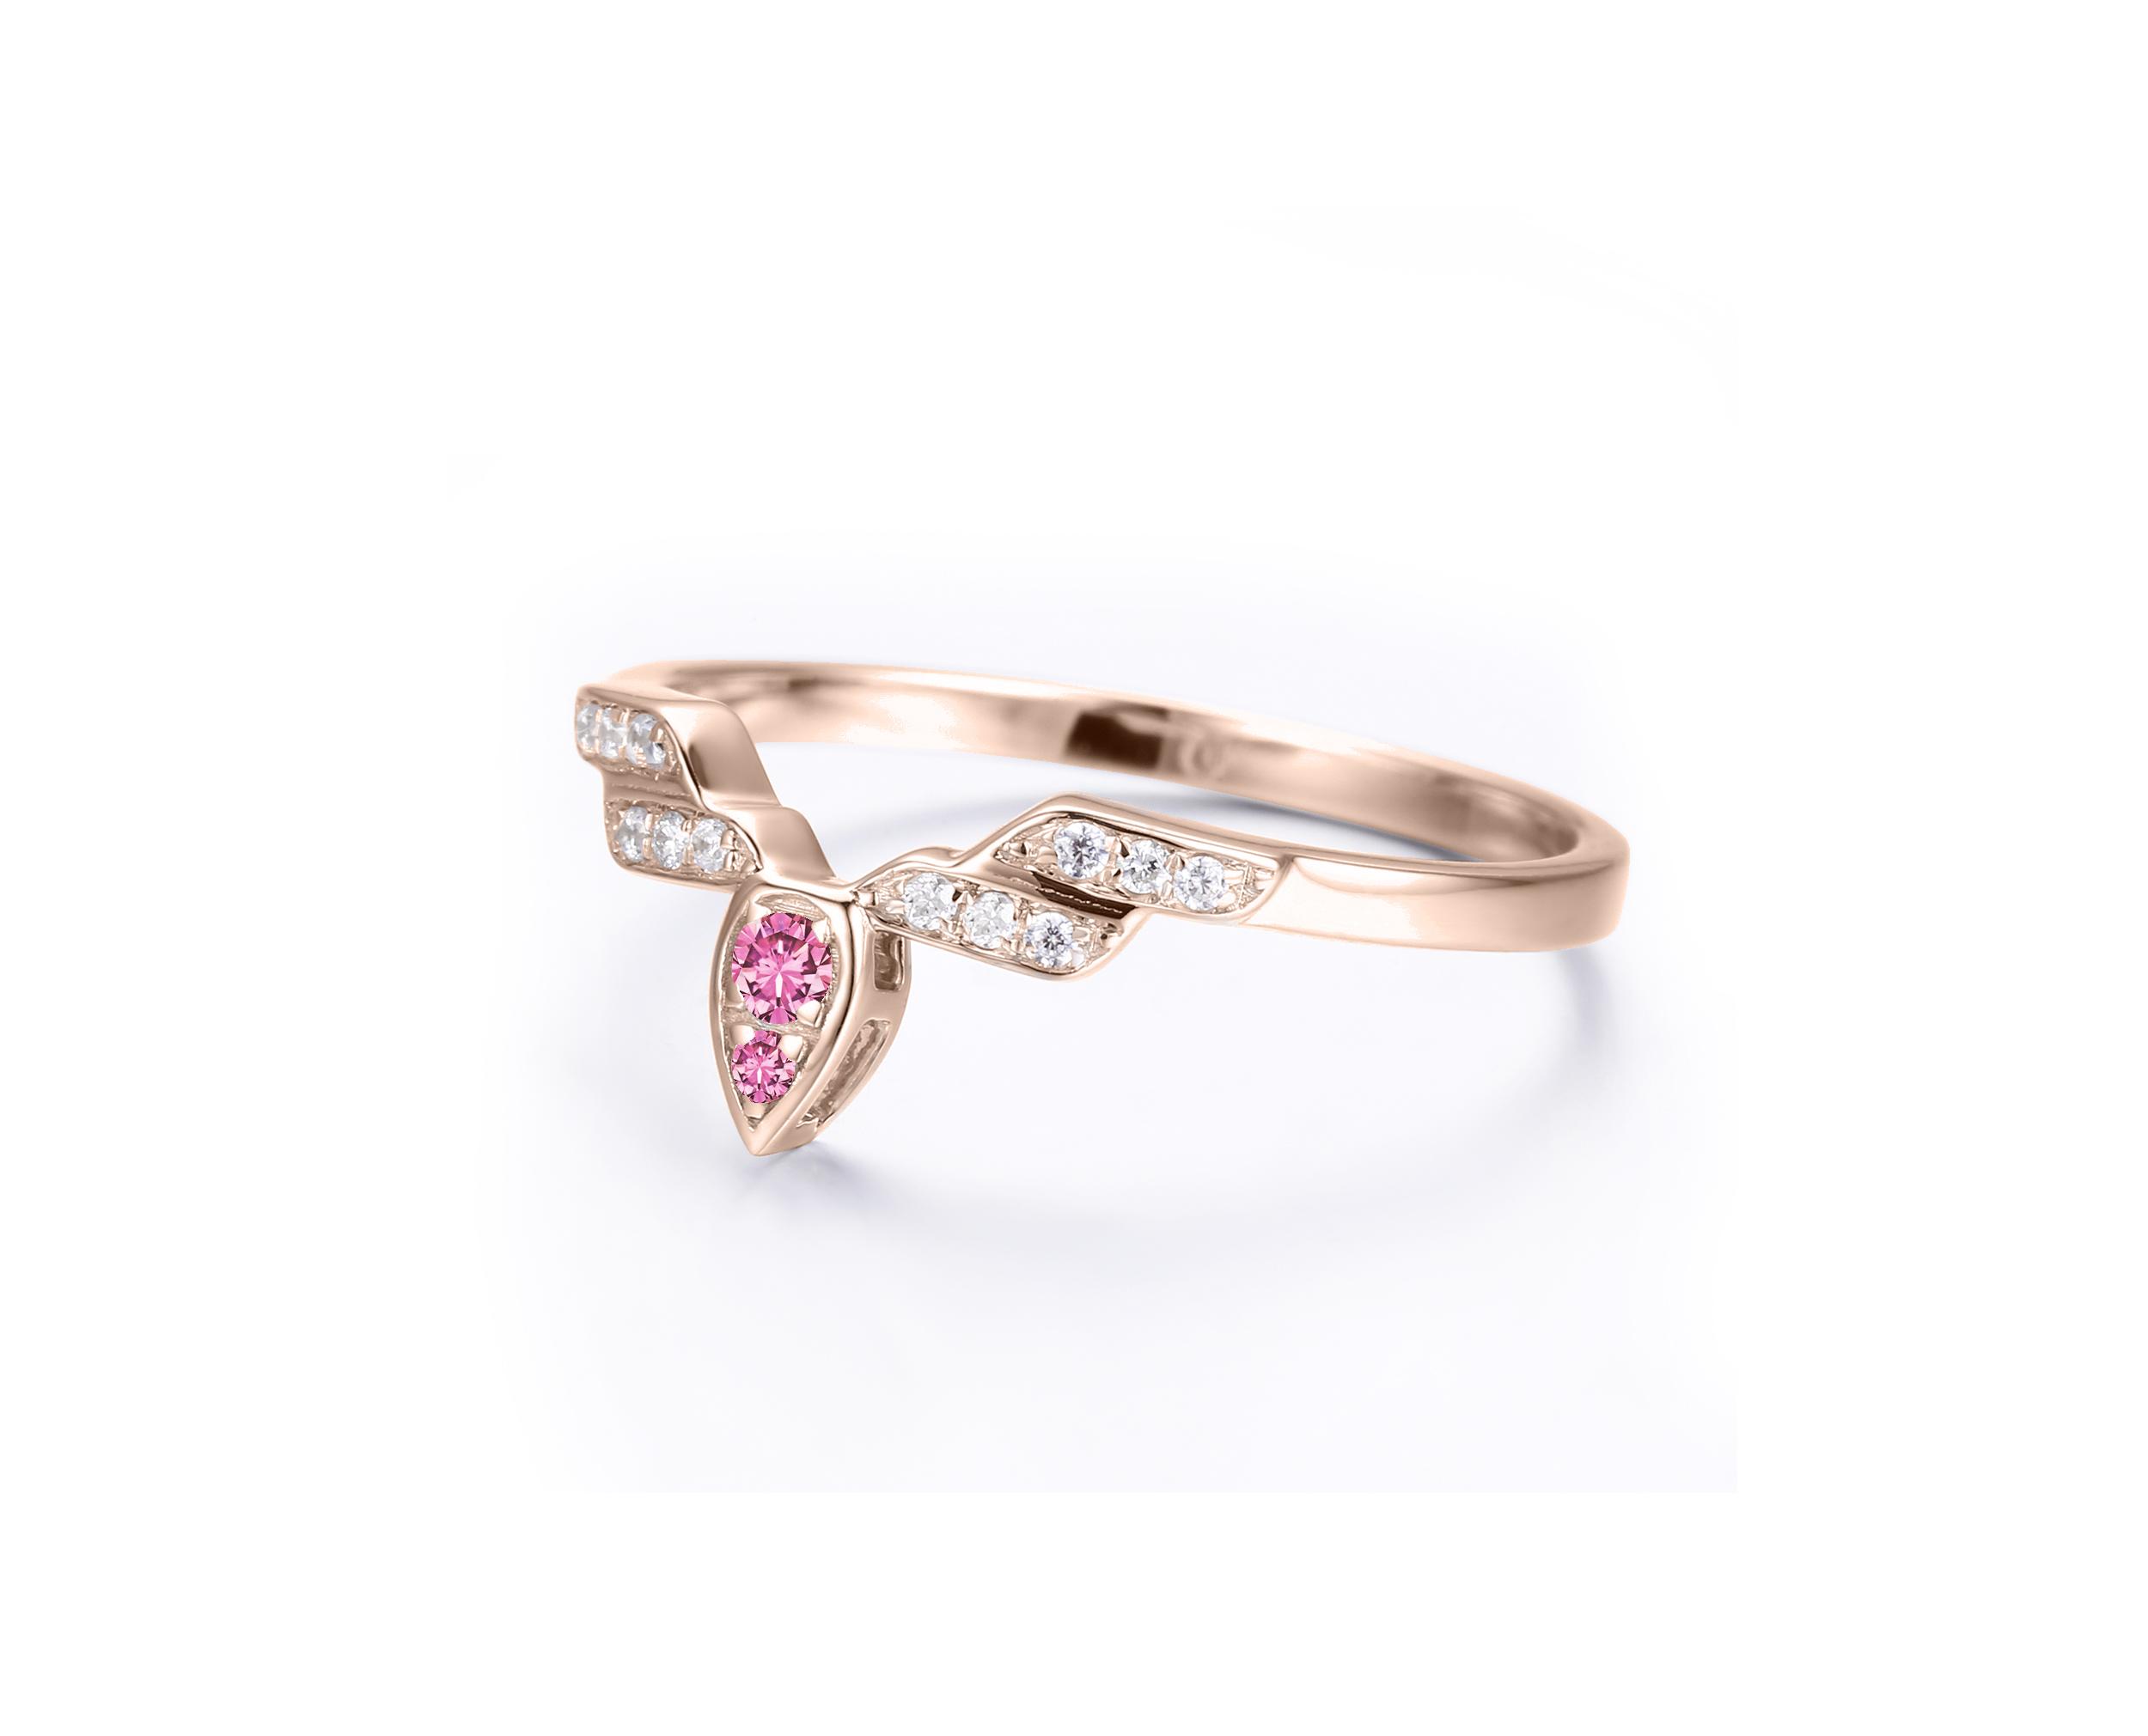 detail-1 - pink sap.jpg